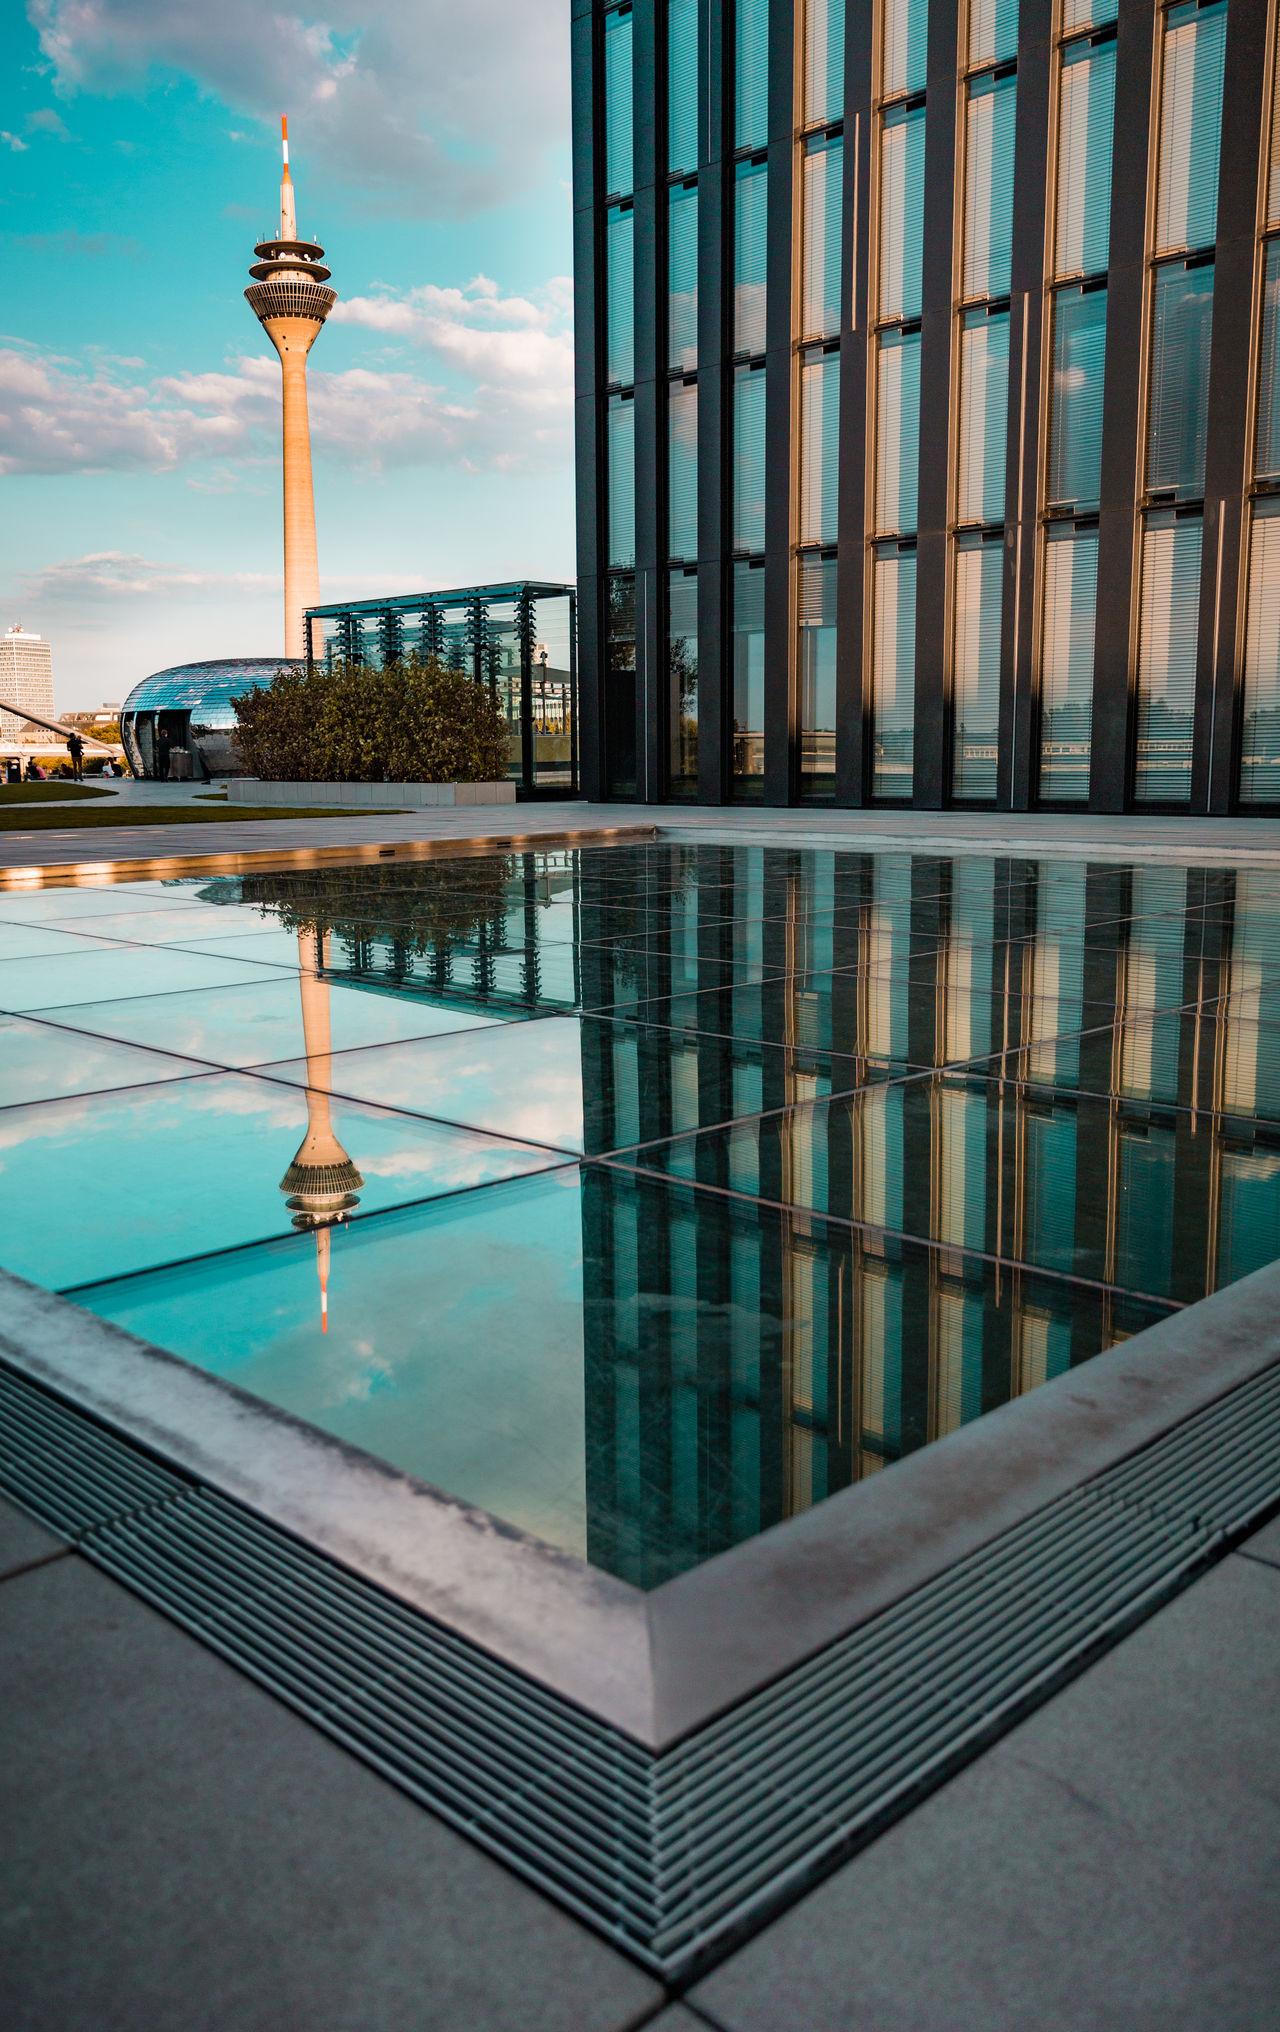 Es gibt auch Spiegel, in denen man erkennen kann, was einem fehlt.Architecture Modern Outdoors Reflection Built Structure Harmony Of Colours Düsseldorf TakeoverContrast Design Gebäude Architektur Gebäude Rheinturm  Rheinriver Hyattregency Spiegelung Medienhafen Düsseldorf 🌾